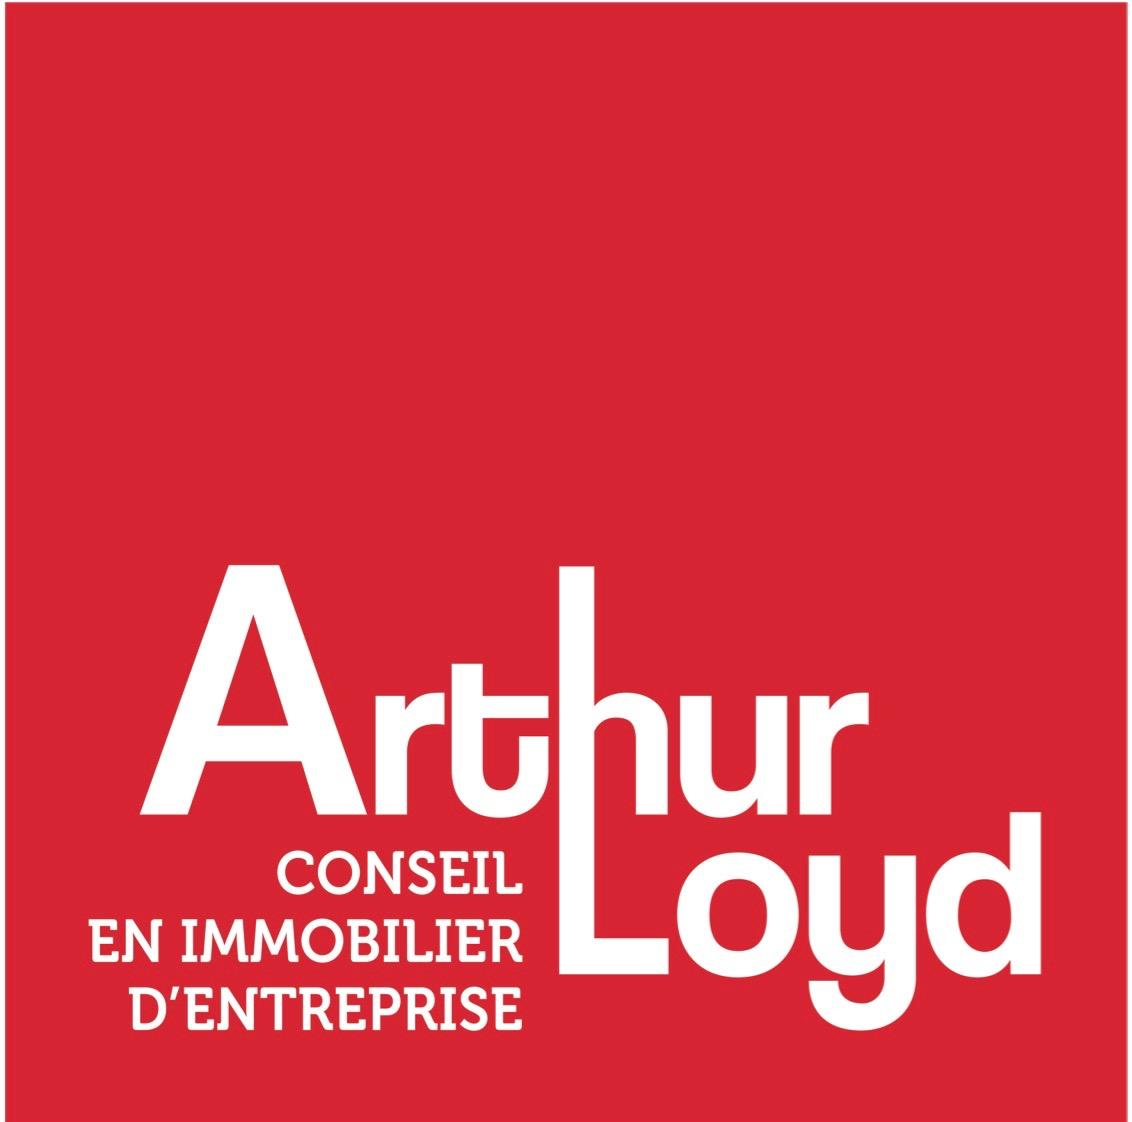 ARTHUR LOYD REIMS - Image